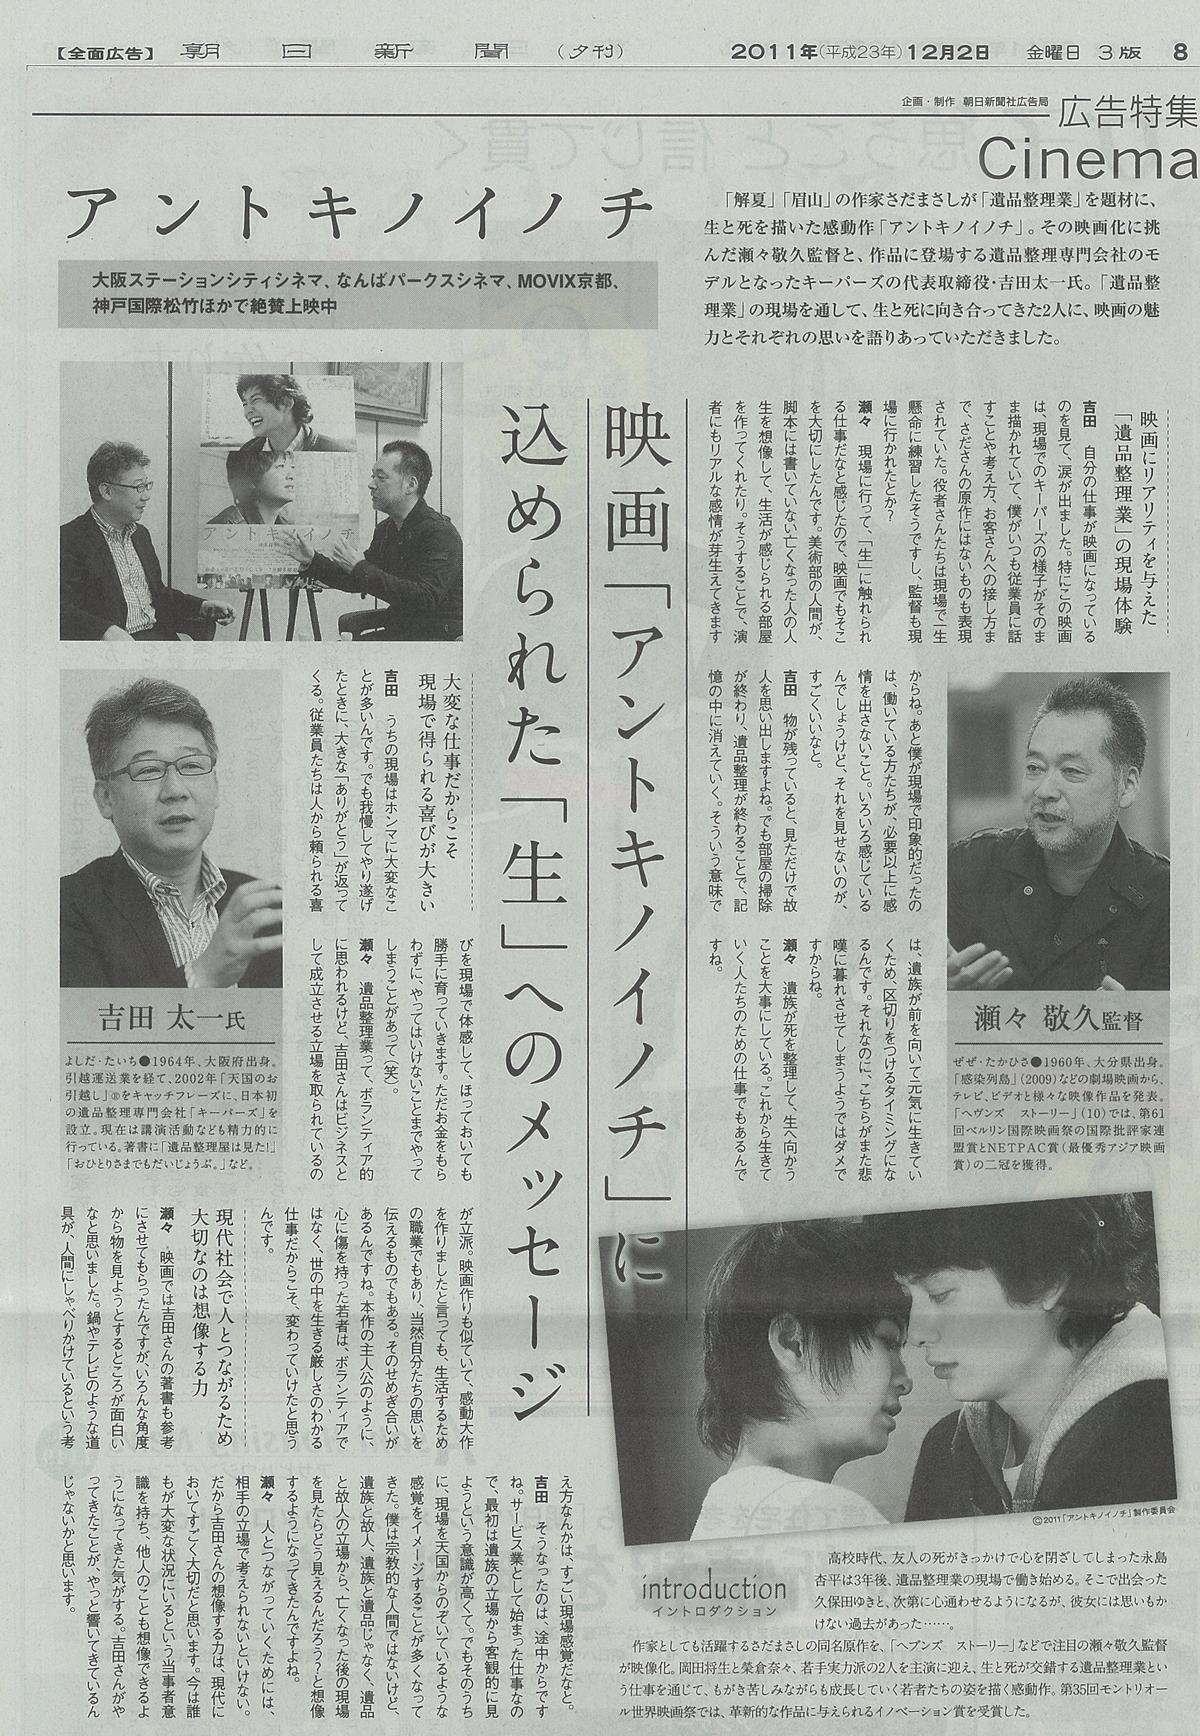 映画「アントキノイノチ」 瀬々監督×吉田太一 対談インタビュー